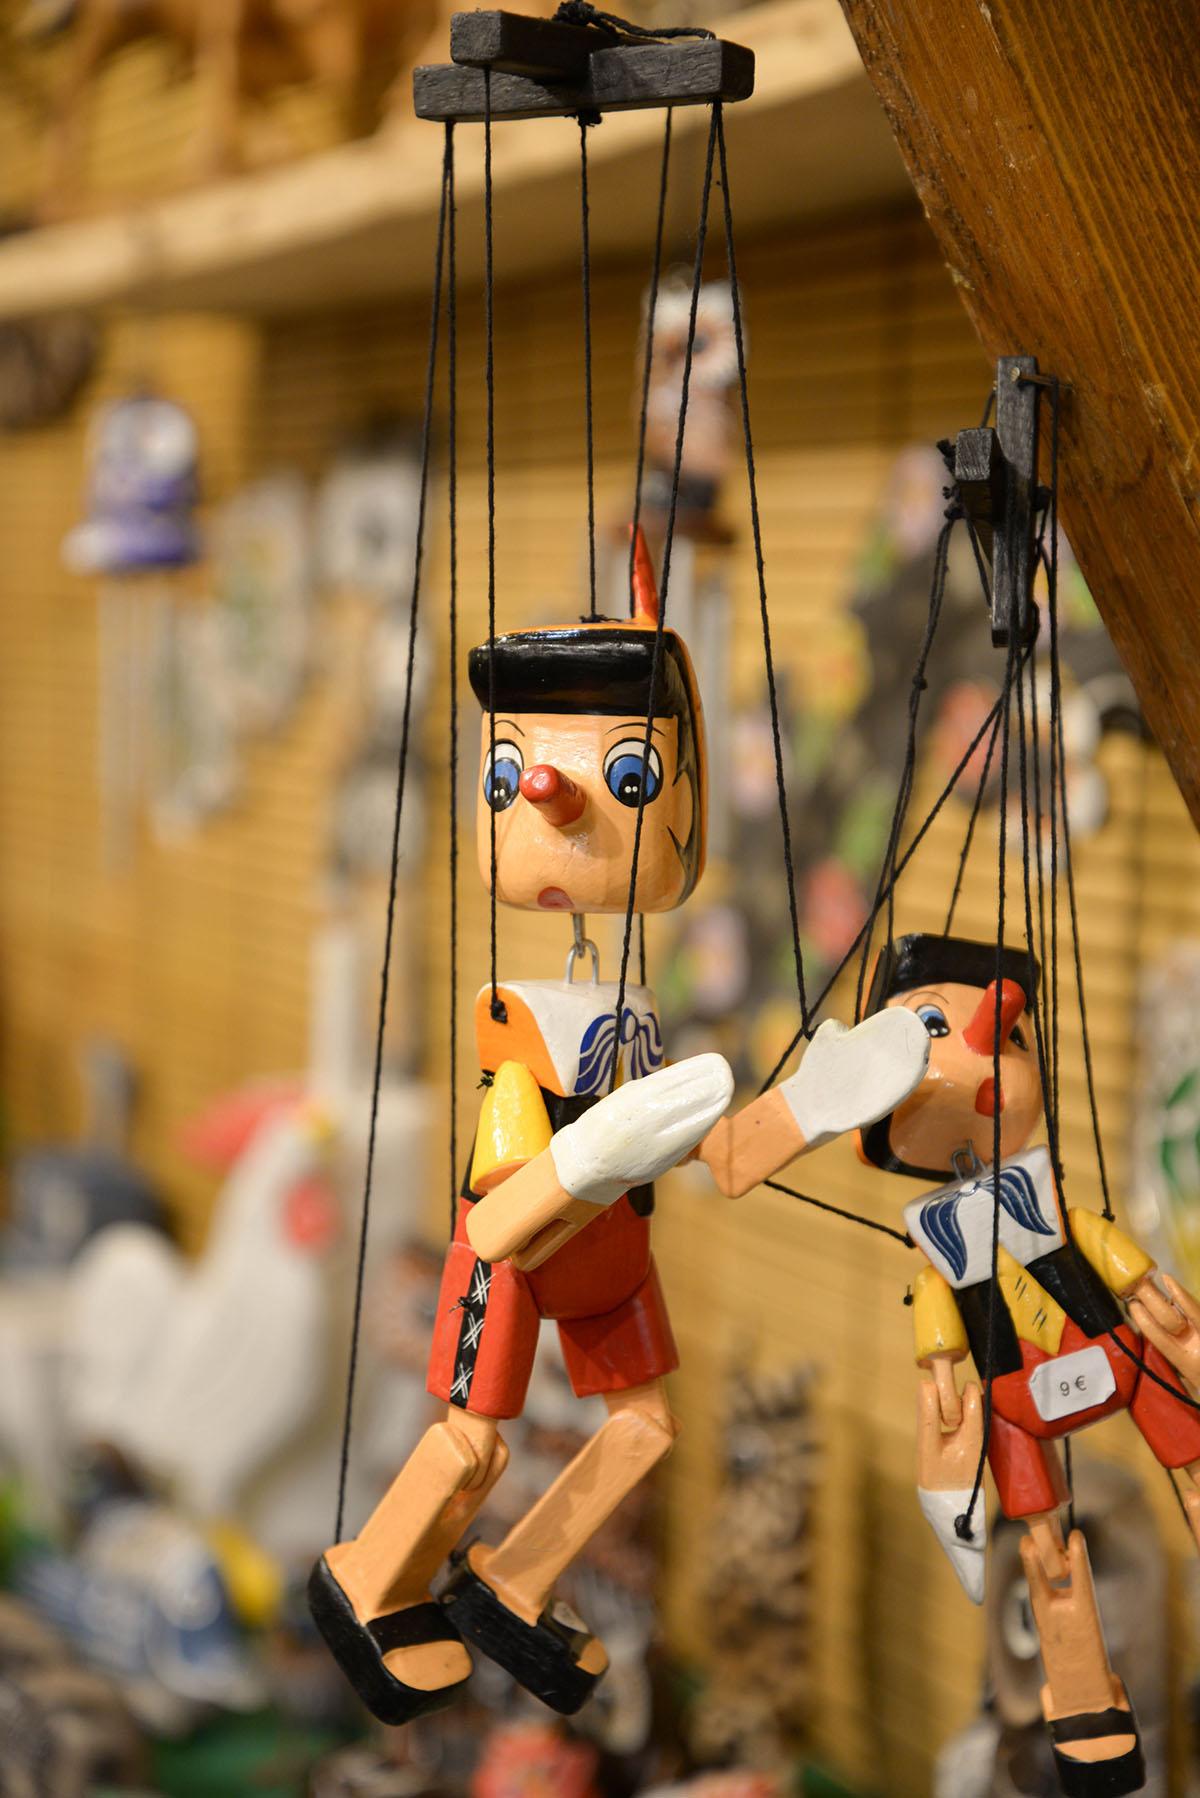 visiter le marché de Noël d'Arras, Pas-de-Calais, Hauts de France